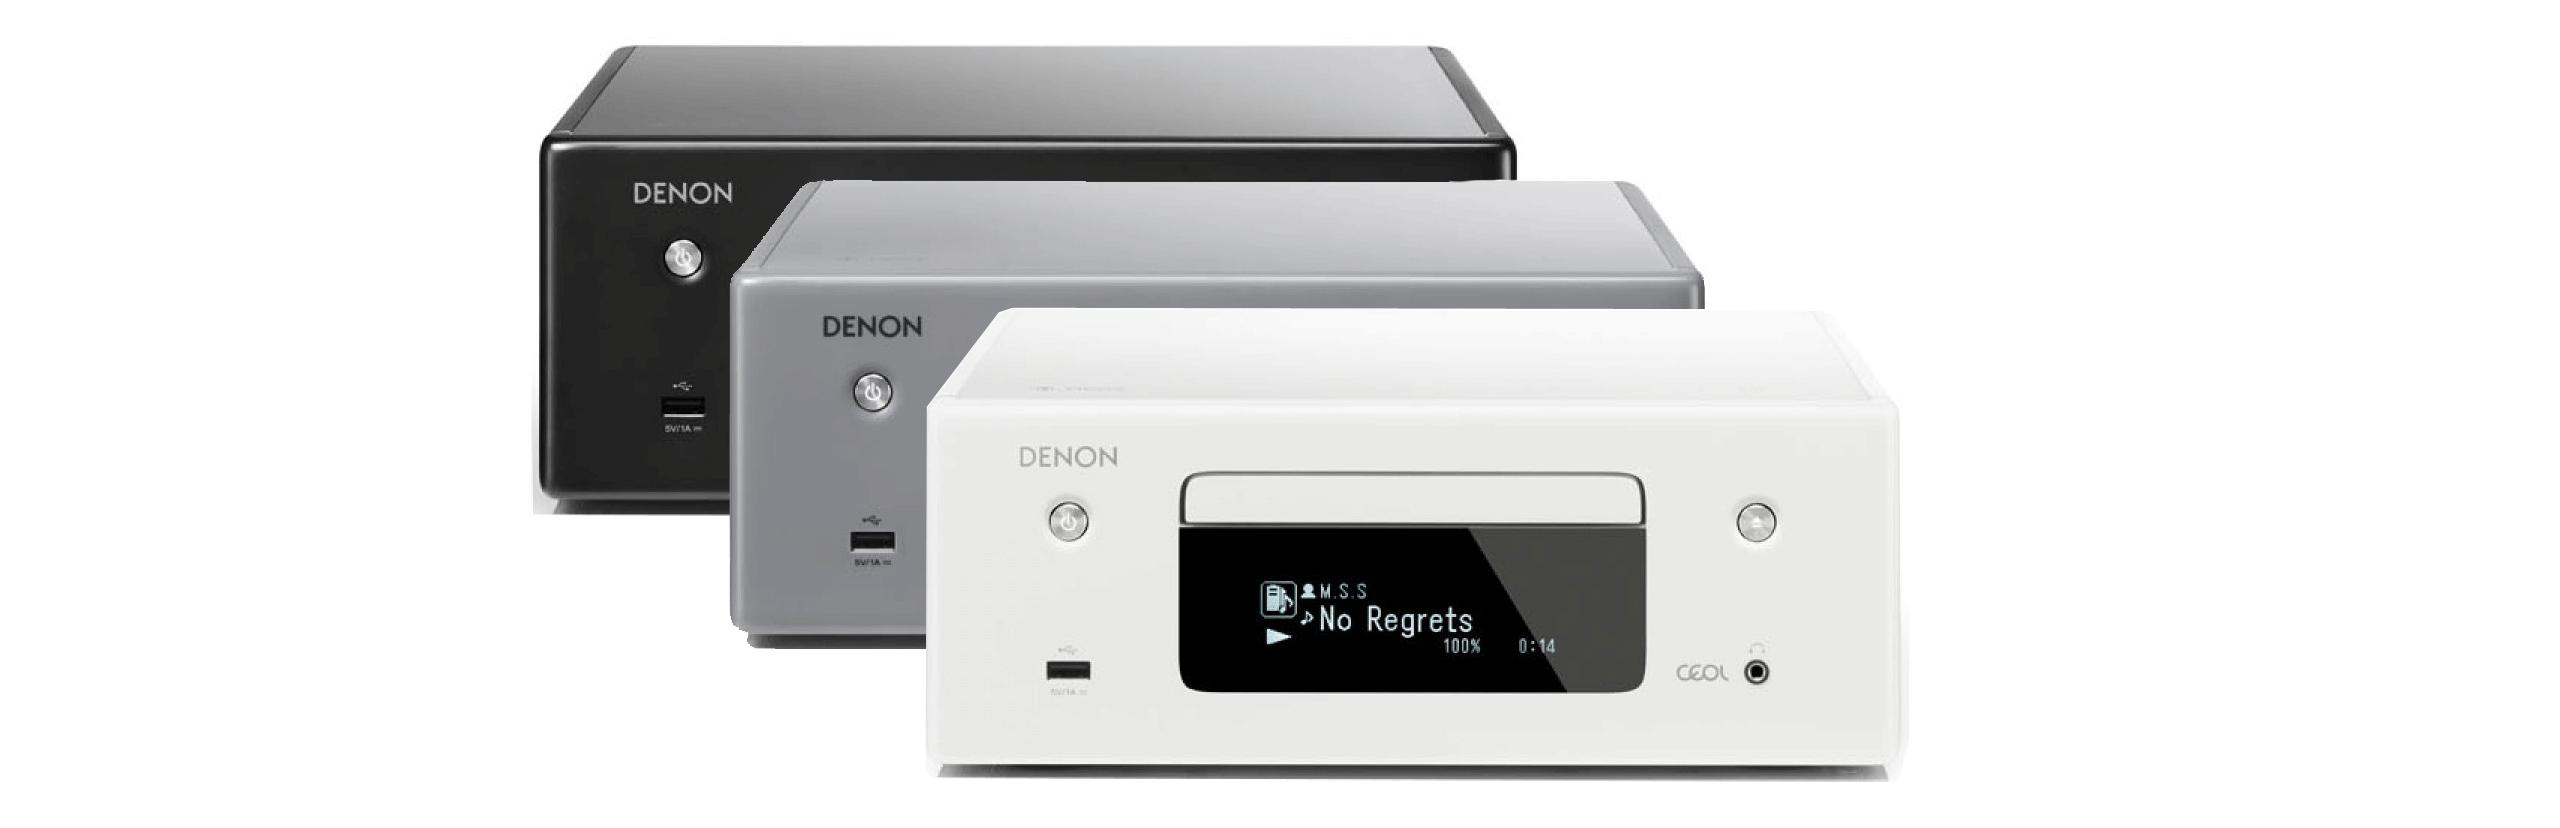 Le Denon Ceol RCD N10 est disponible avec ou sans enceintes, en blanc, gris ou noir pour s'adapter à tous les intérieurs.